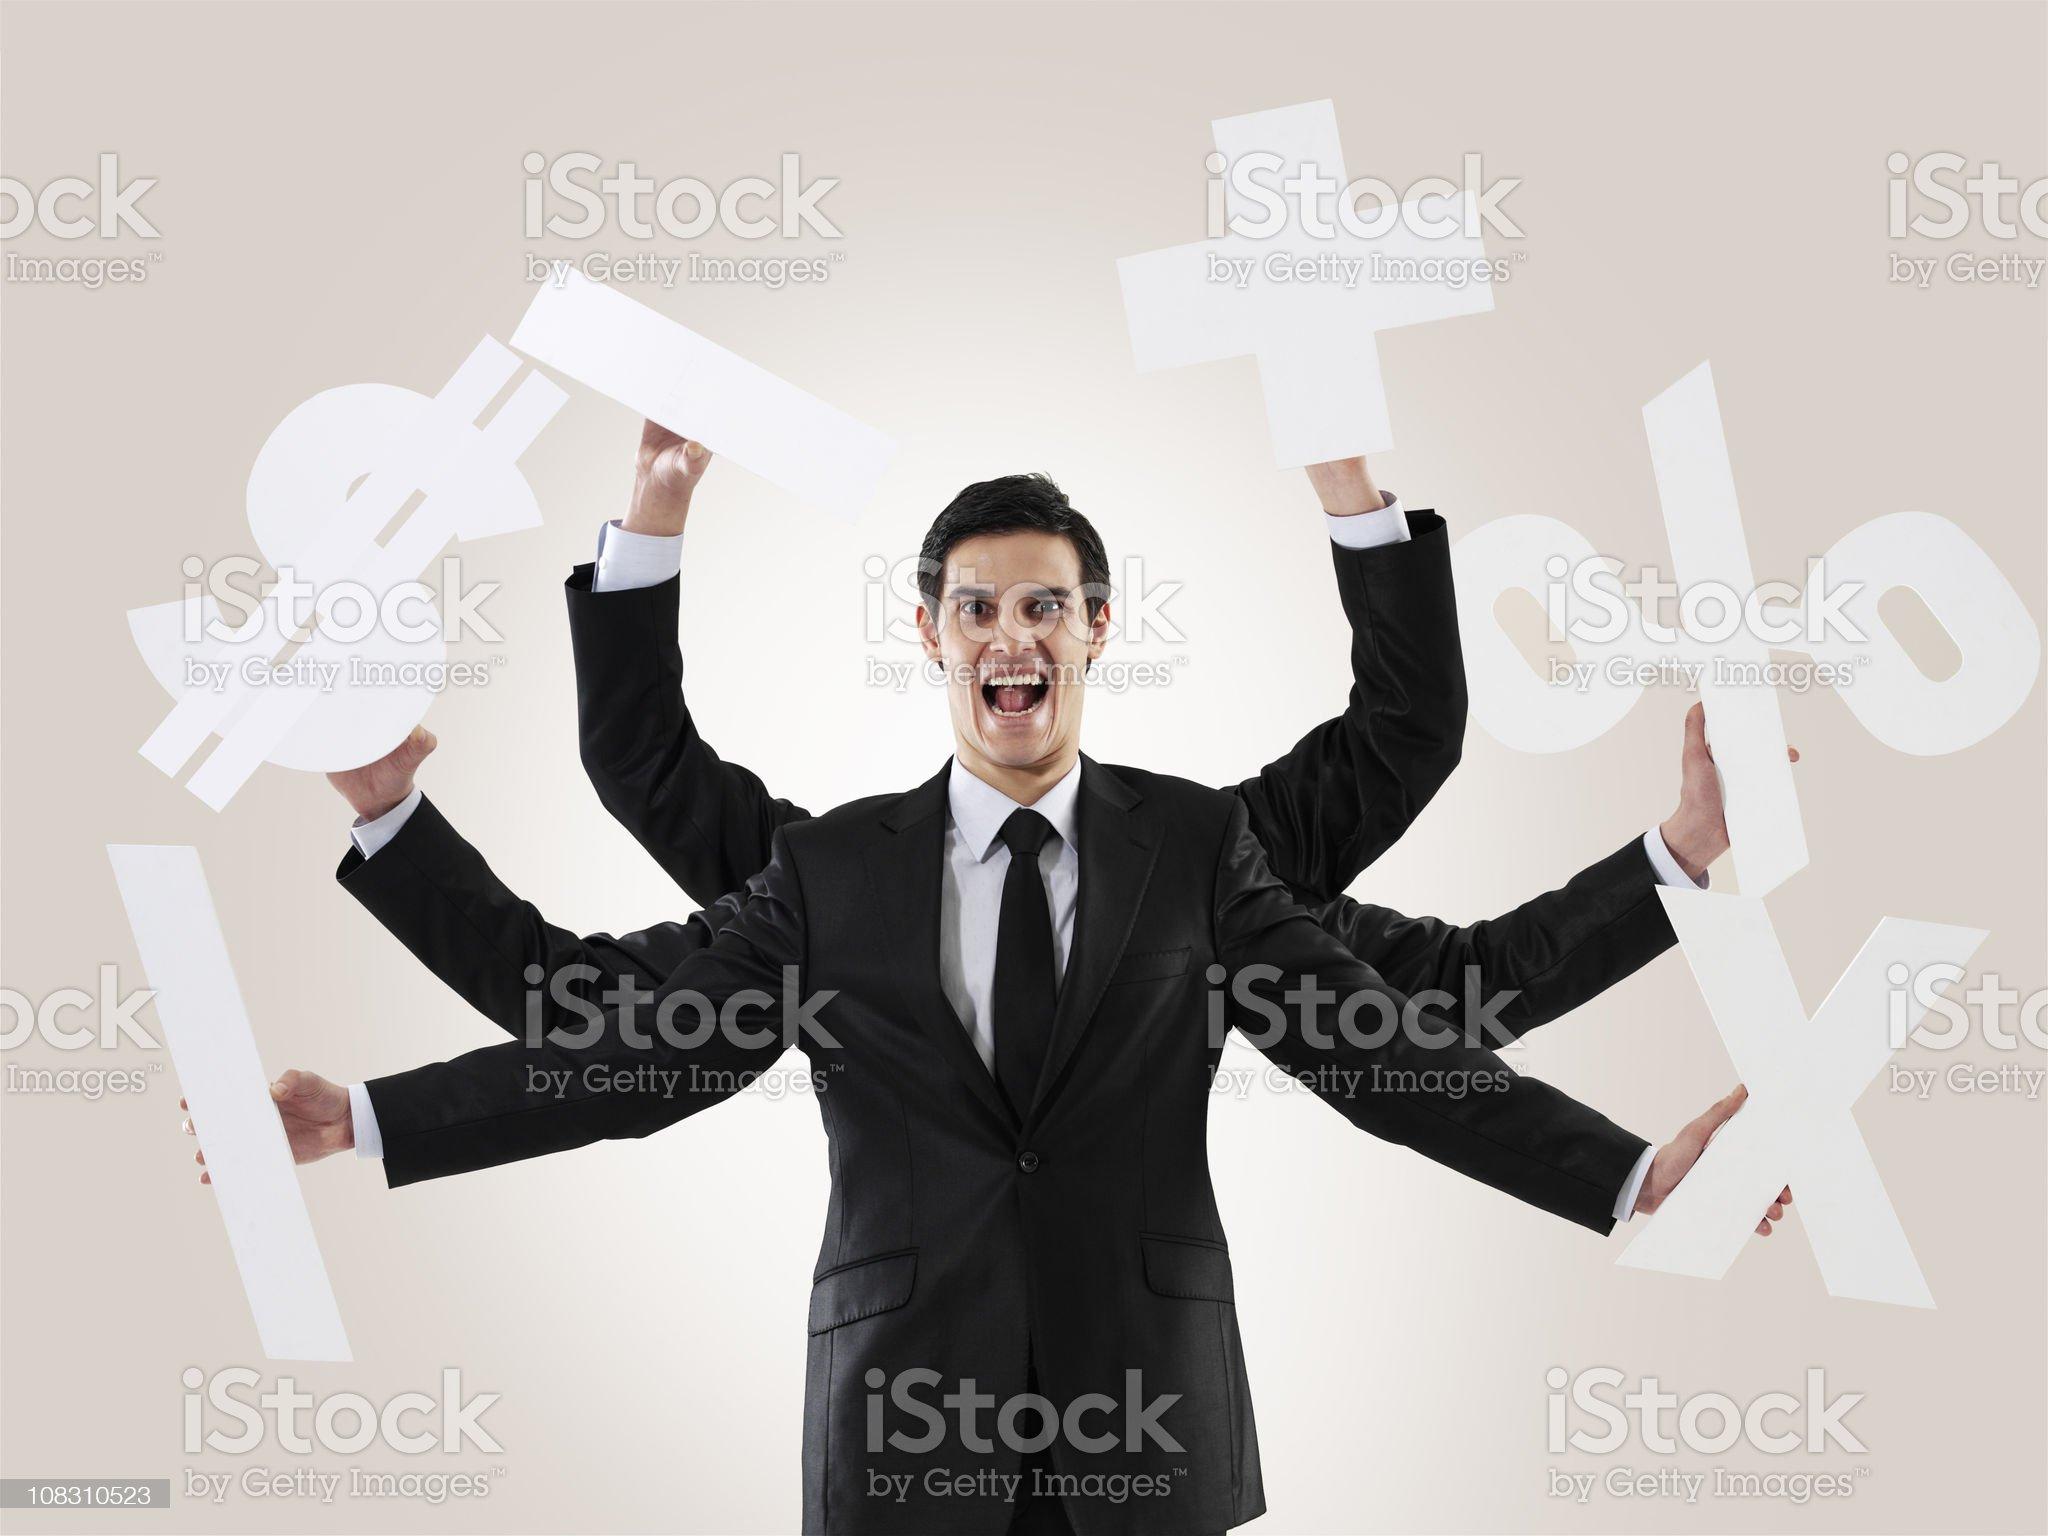 Multi-tasking man royalty-free stock photo